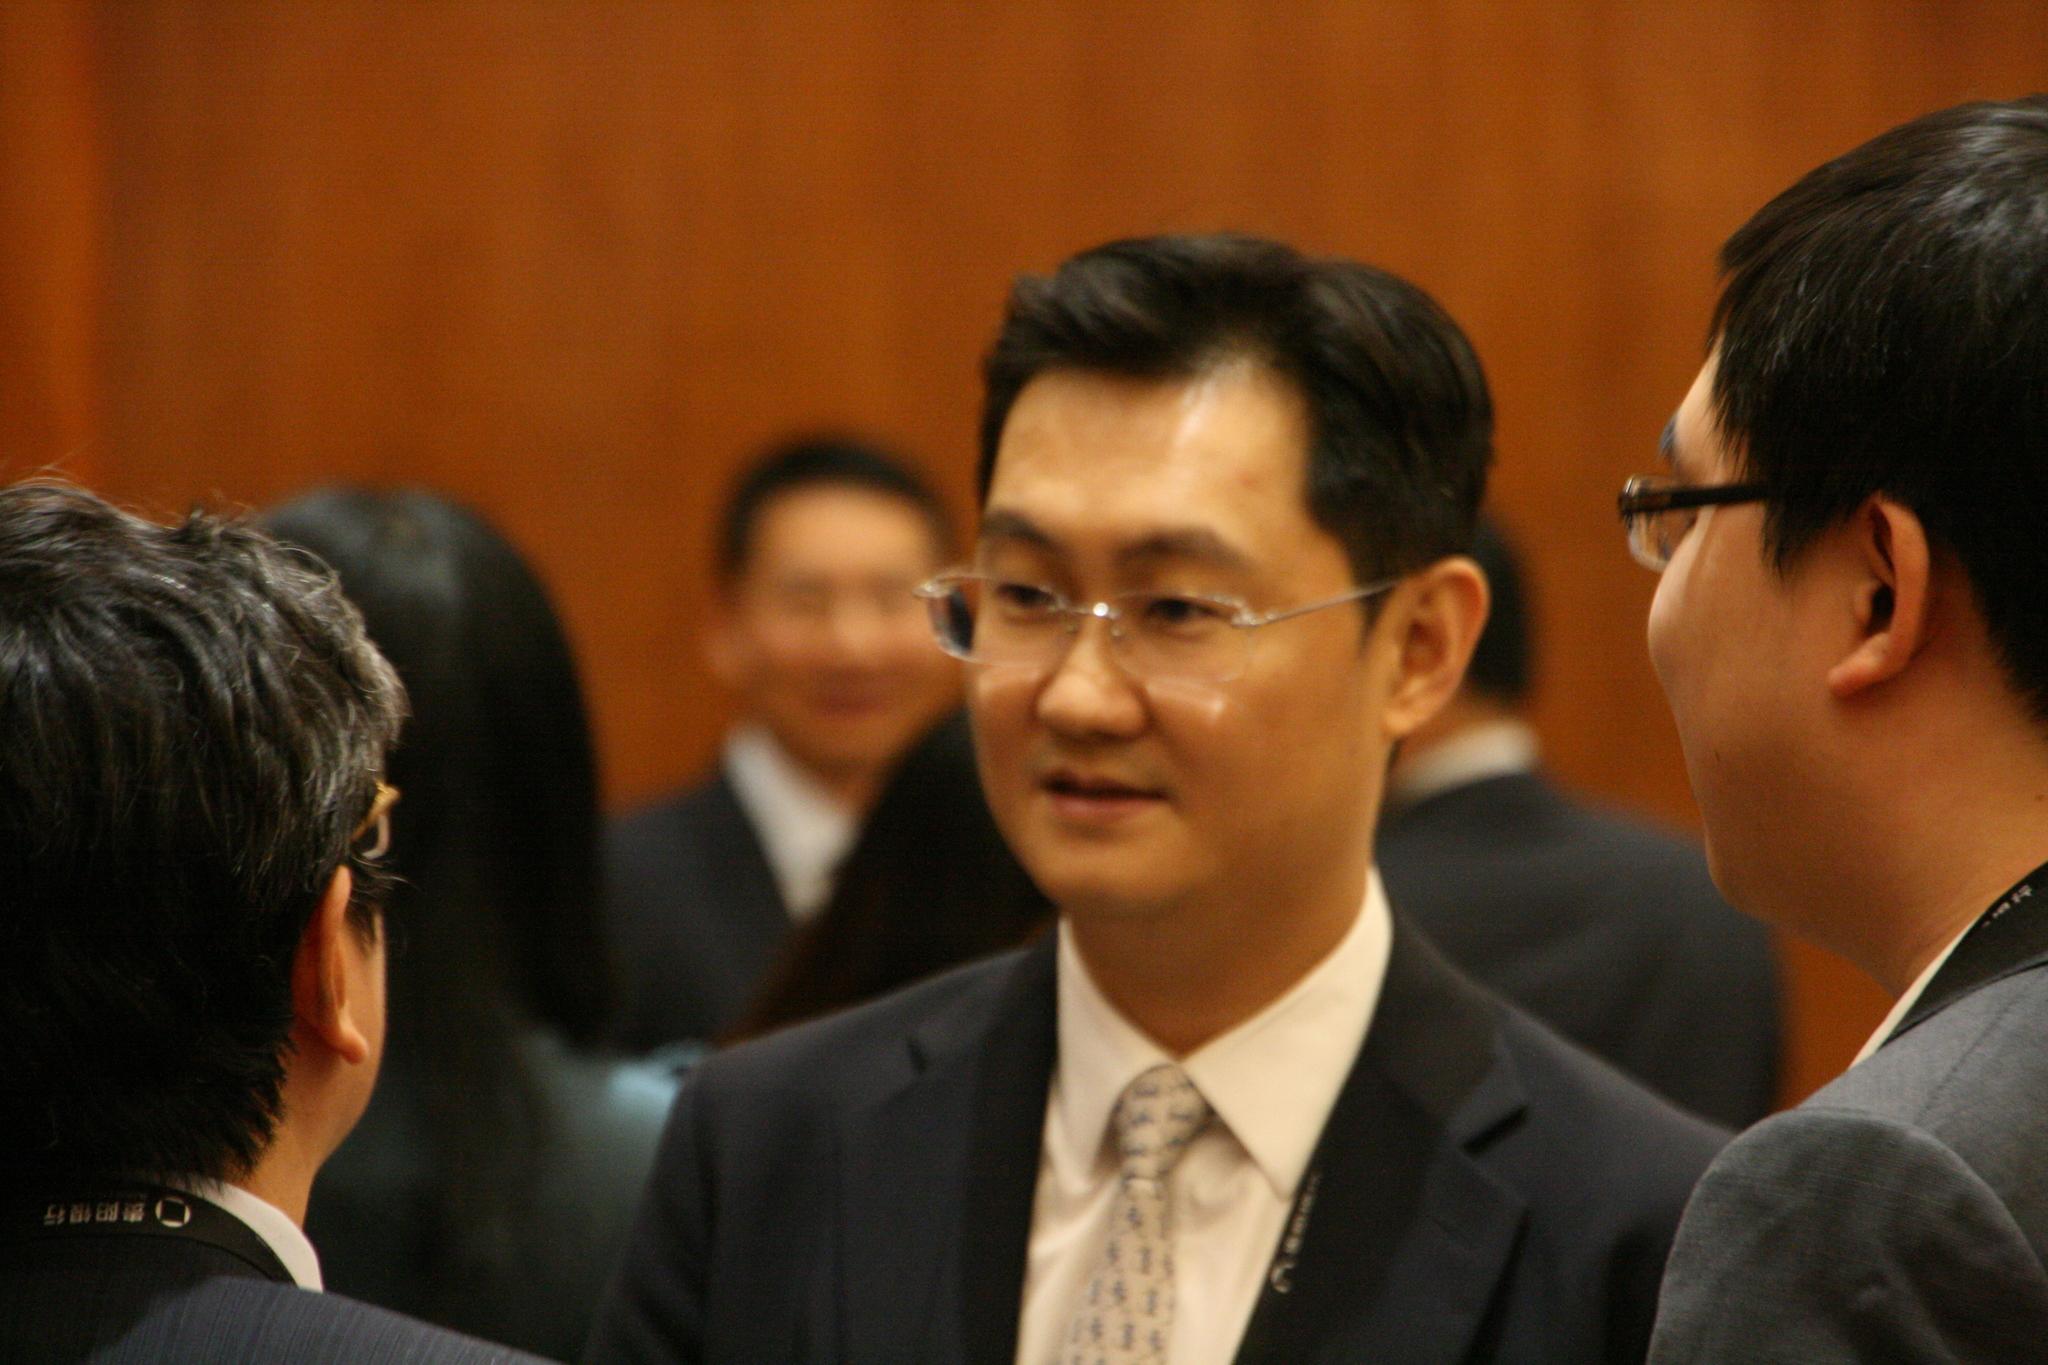 2016 빅데이터 엑스포에 참석한 마화텅 텐센트 회장.